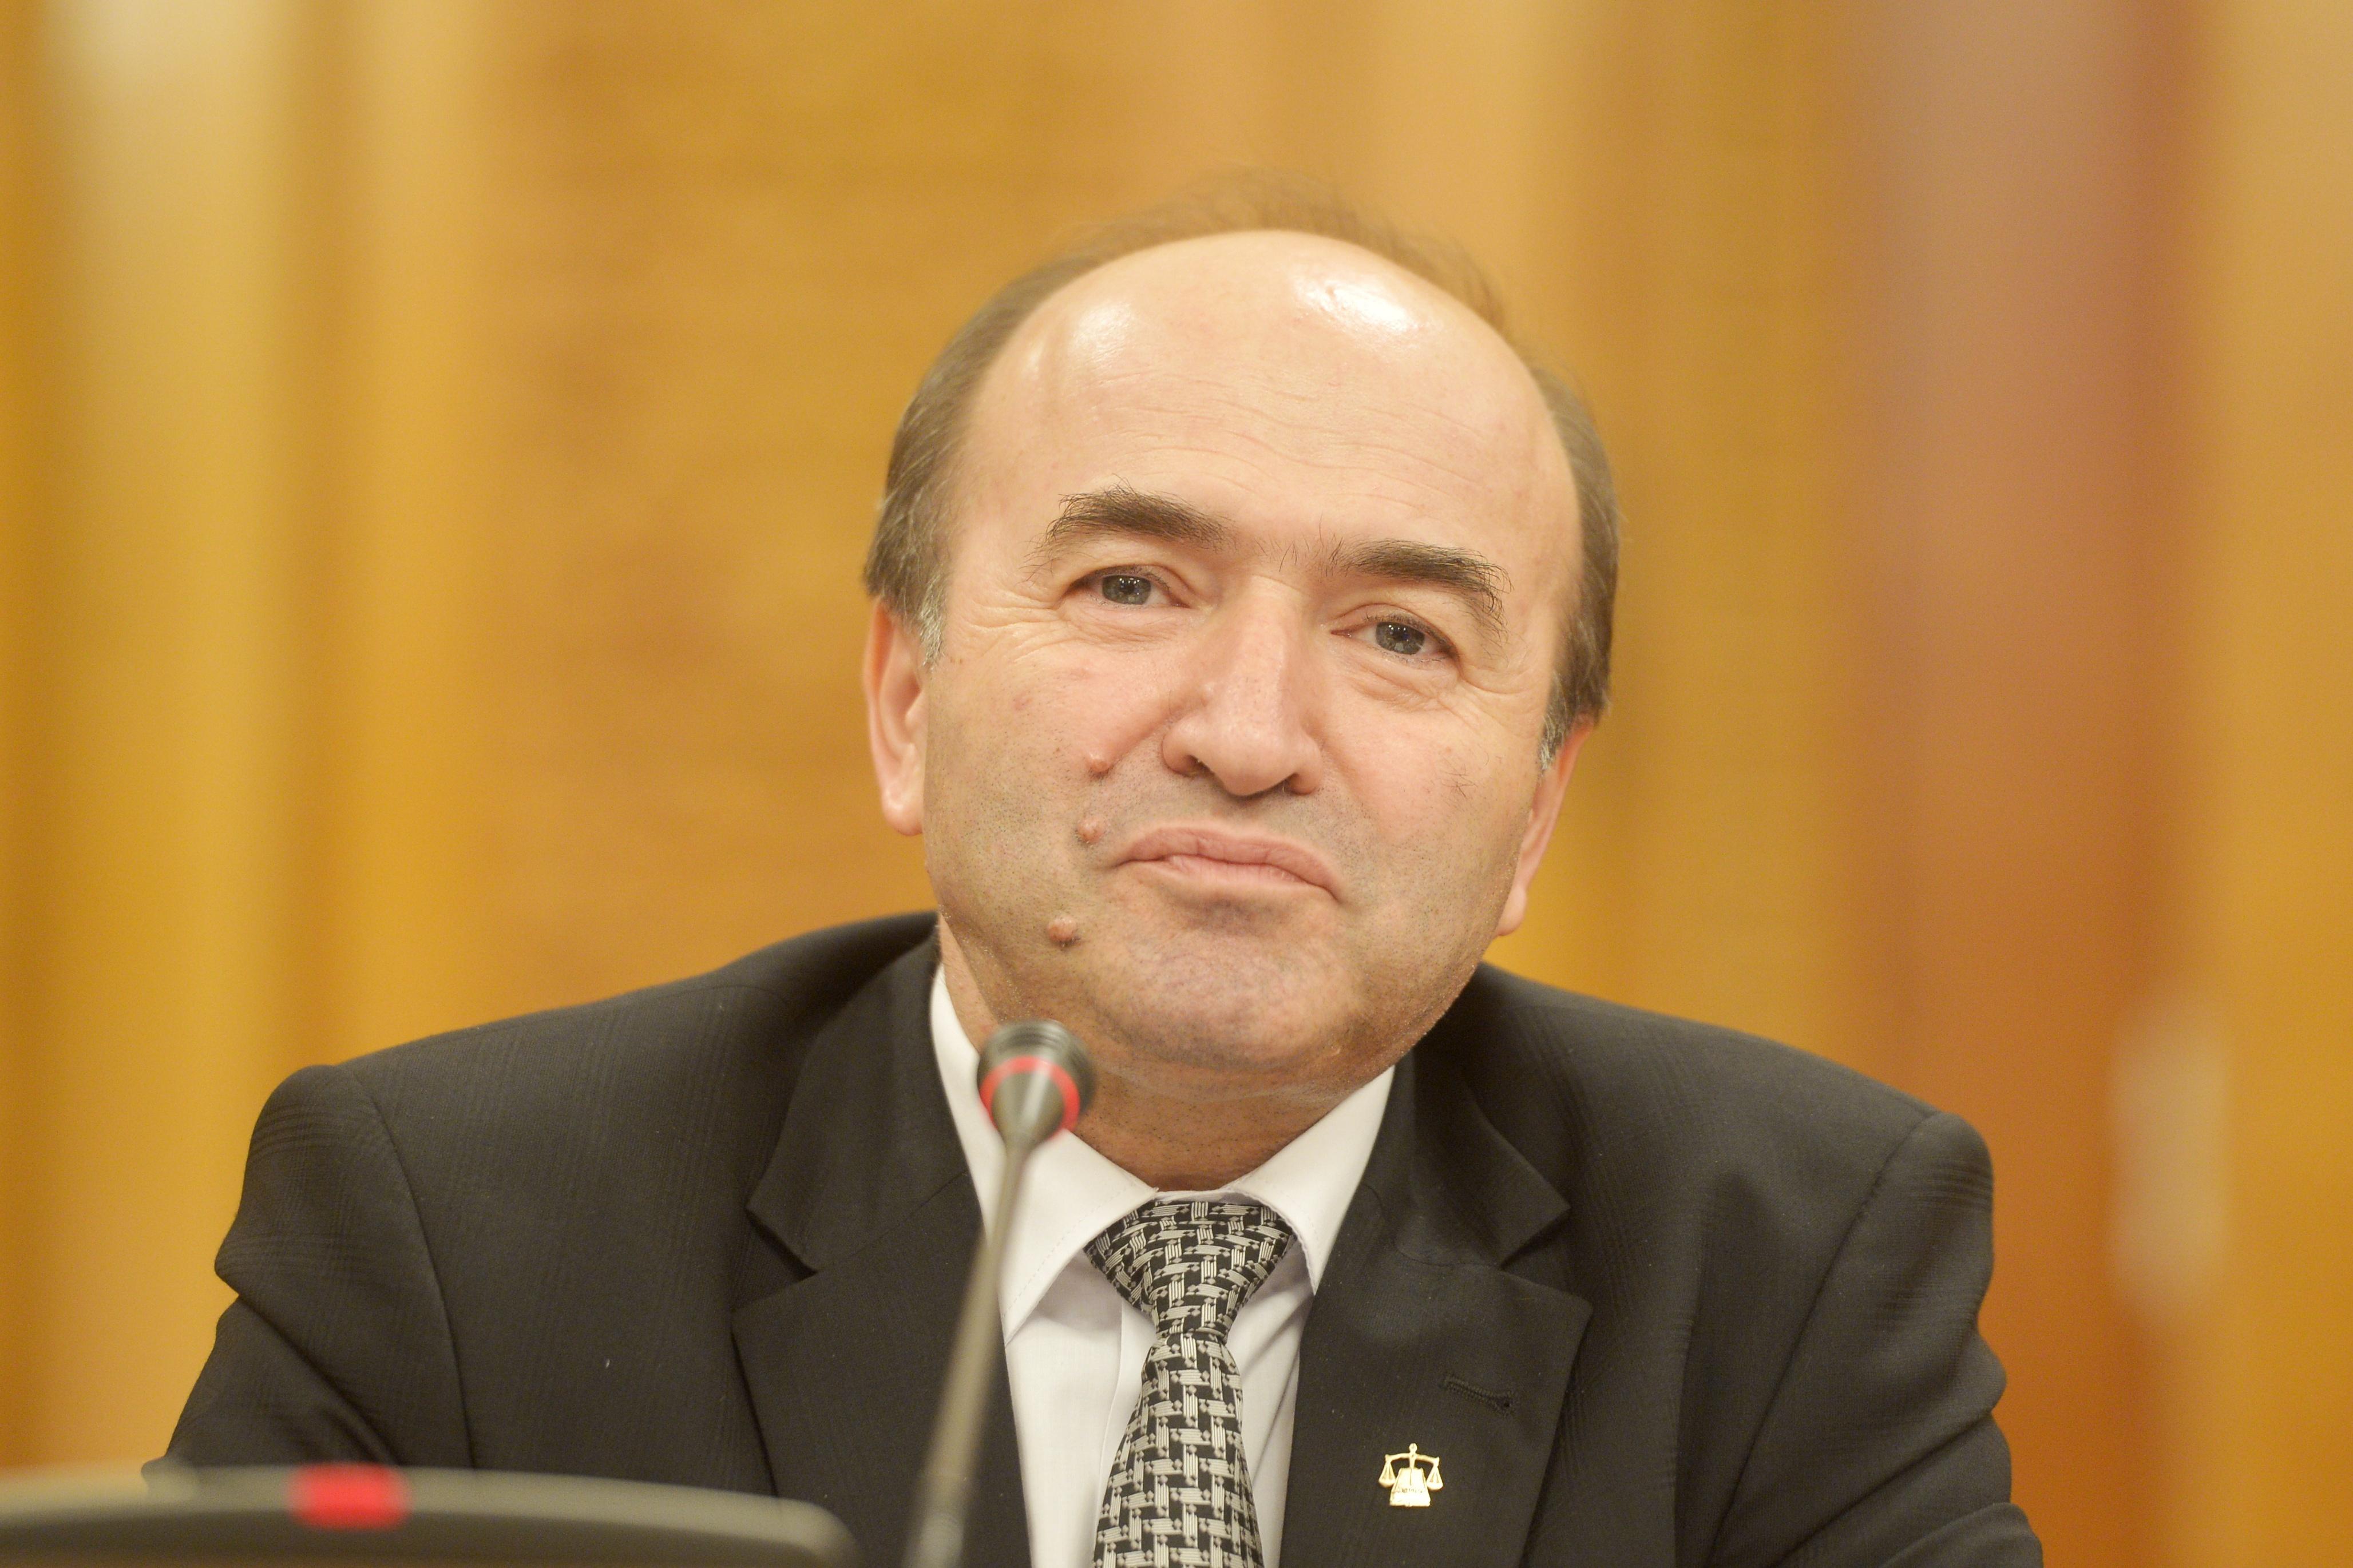 Interpretarea dată de ministrul justiţiei, Tudorel Toader, raportului MCV: Concluzia raportului este pozitivă. Pune accentul pe confirmarea rezultatelor. Se adaugă, astfel, cerinţe noi